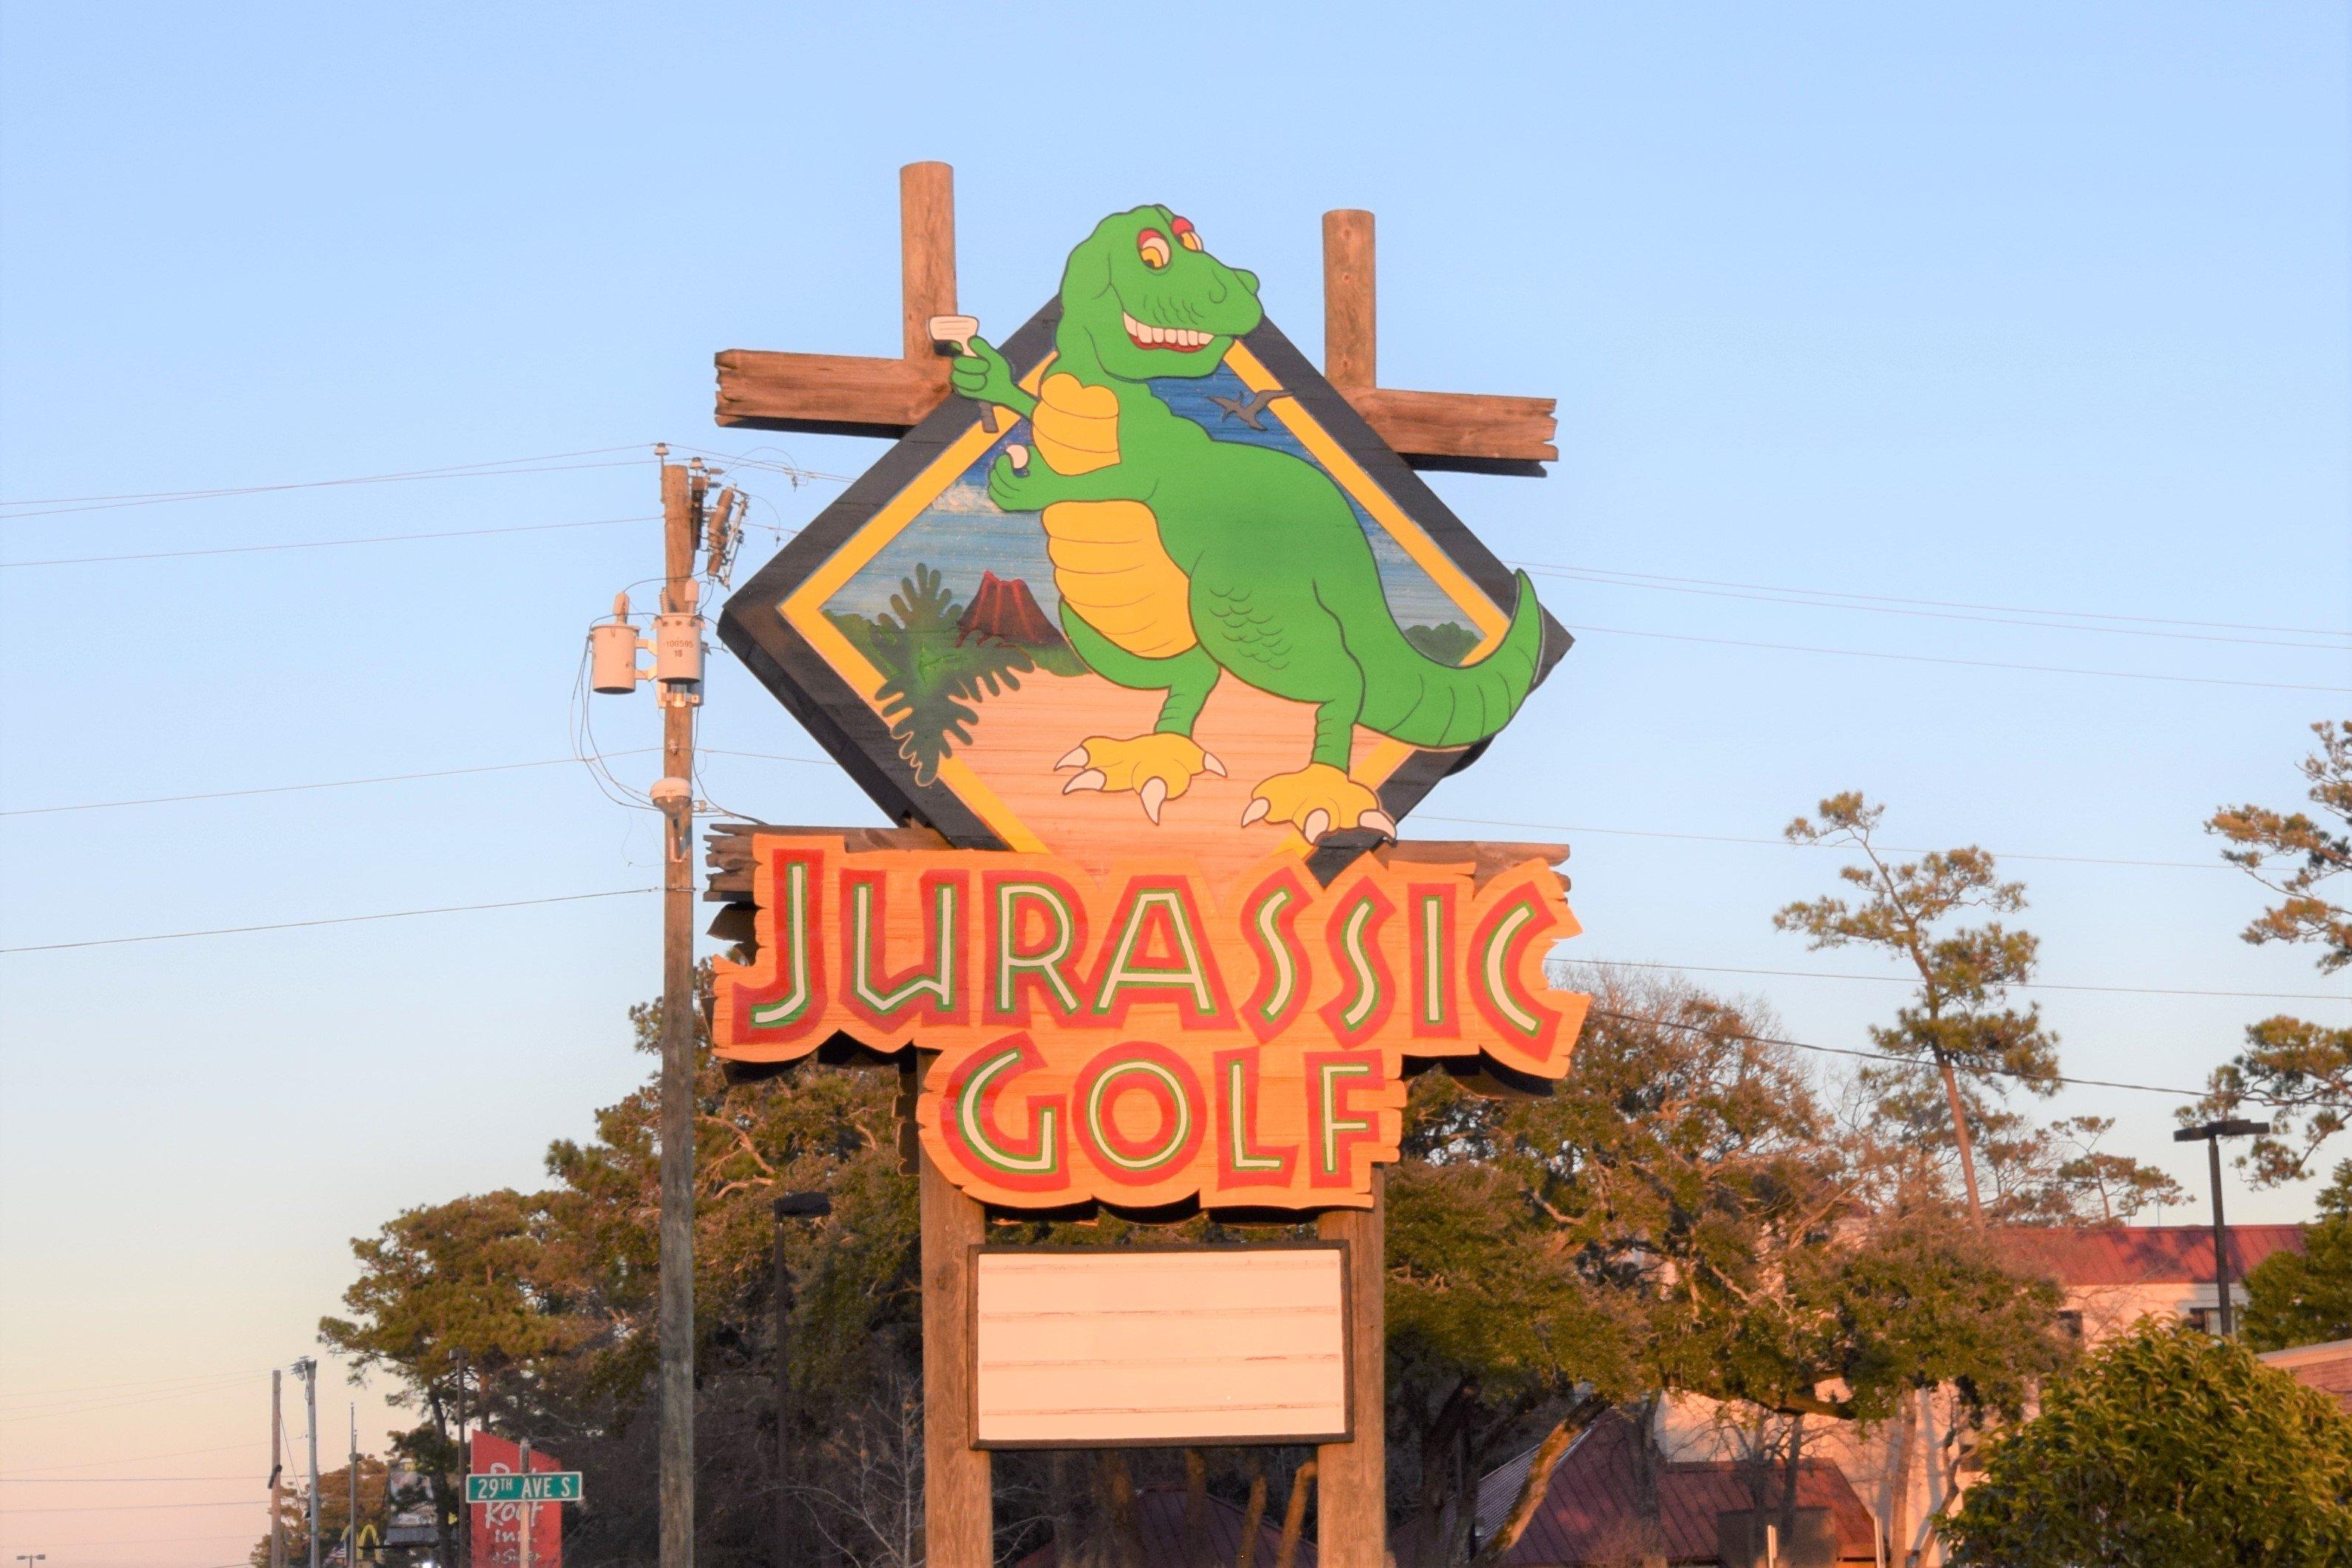 Jurassic Golf Myrtle Beach